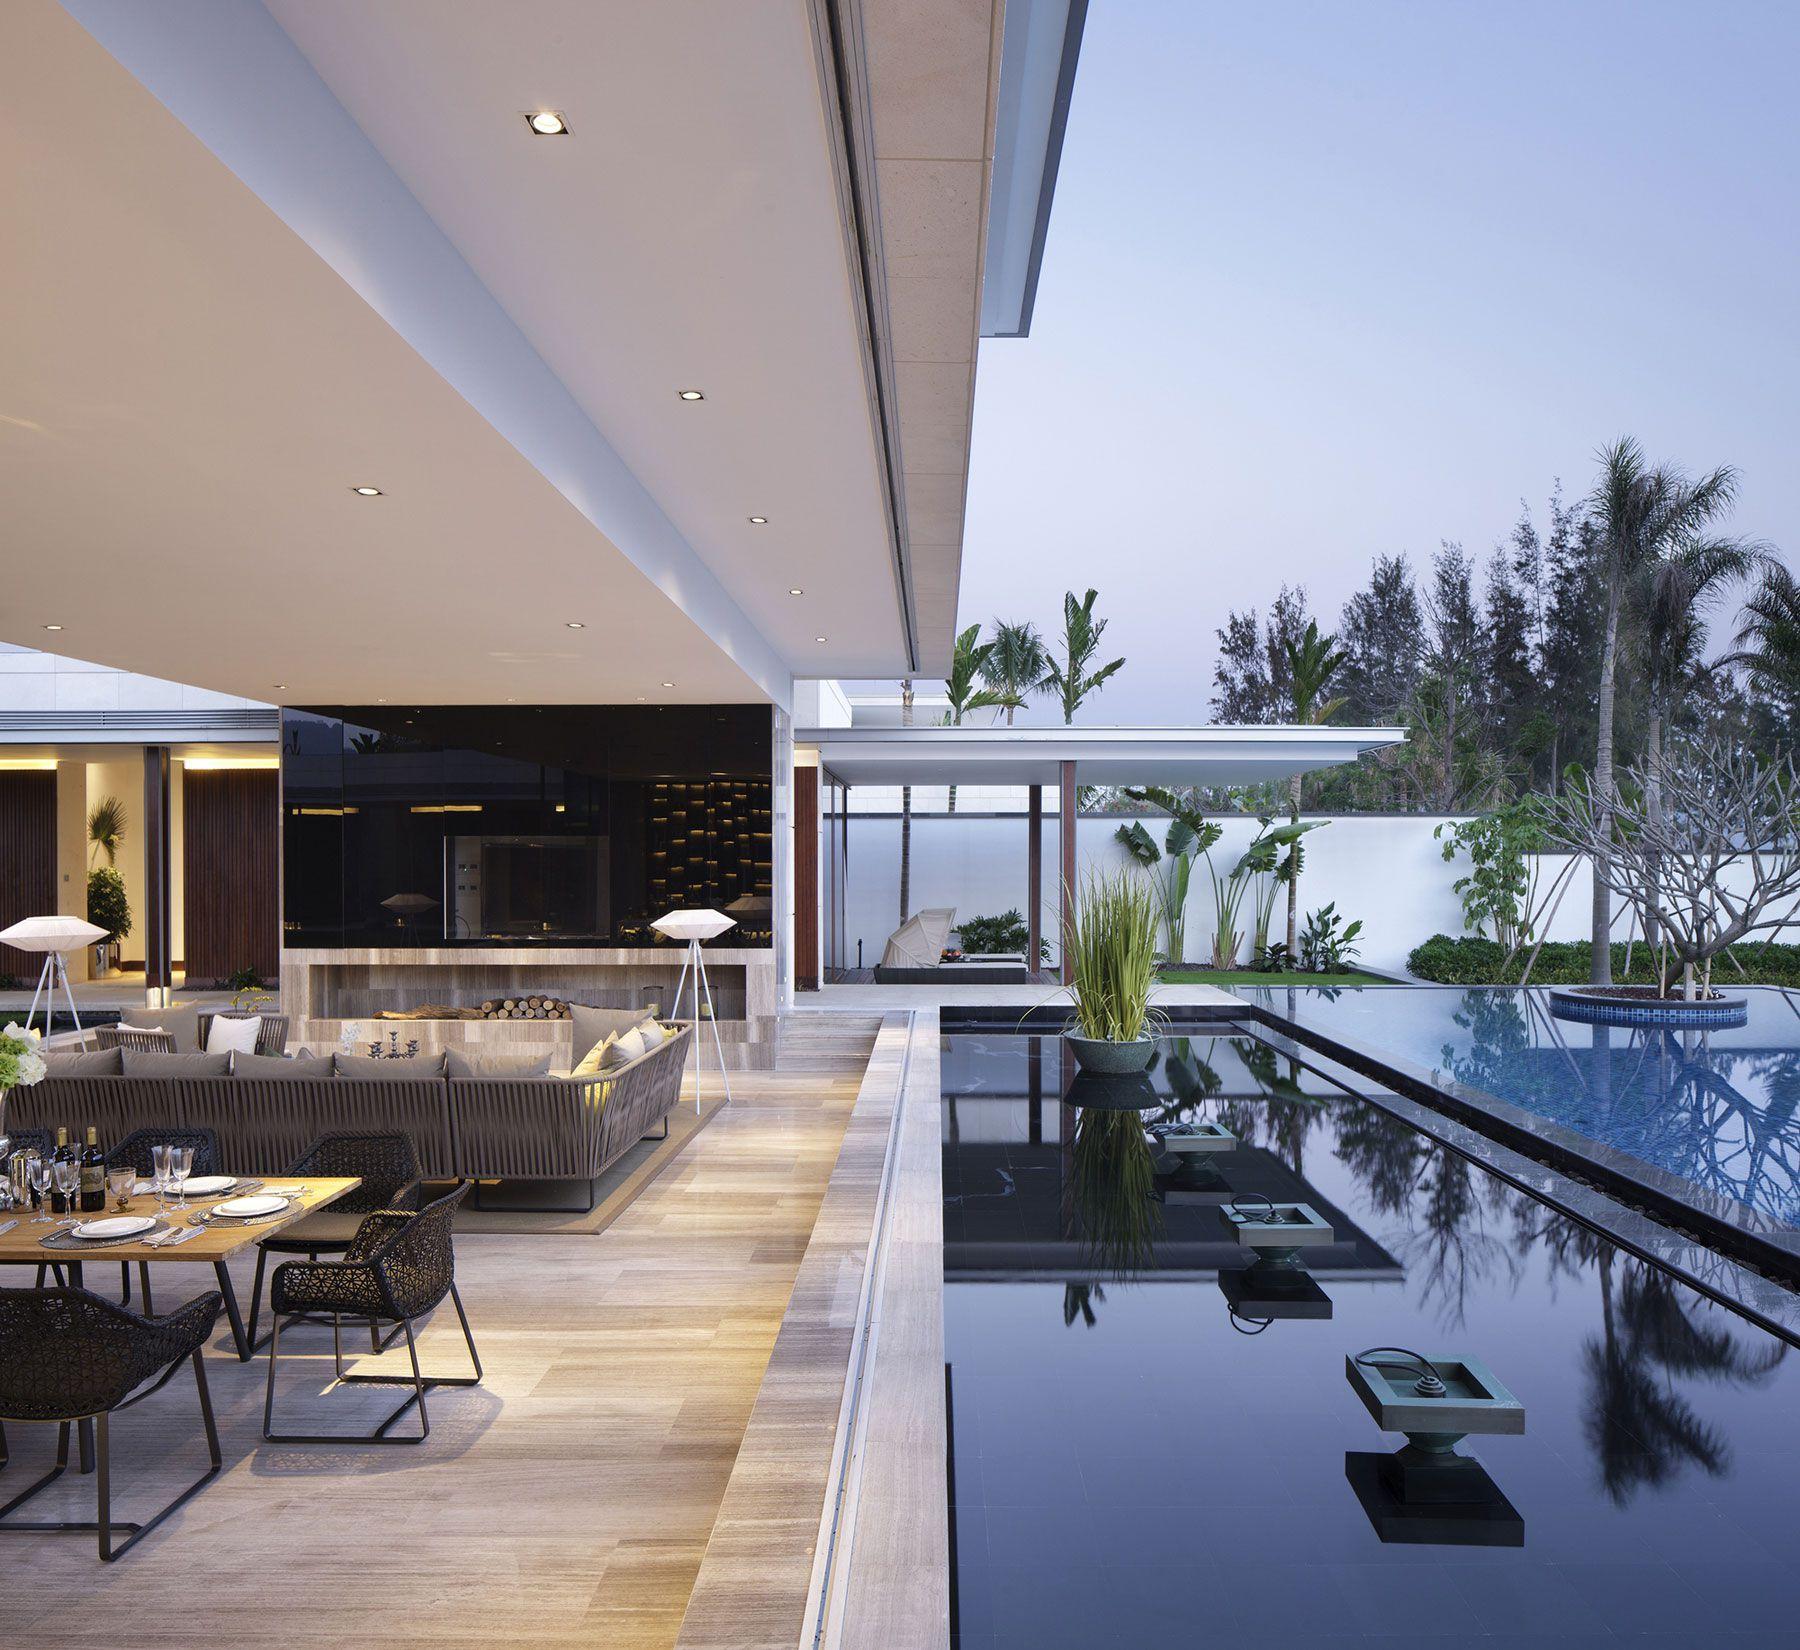 Reformed Sf Loft By Wardell Sagan Projekt: Luxury Ultramodern Chenglu Villa By Gad